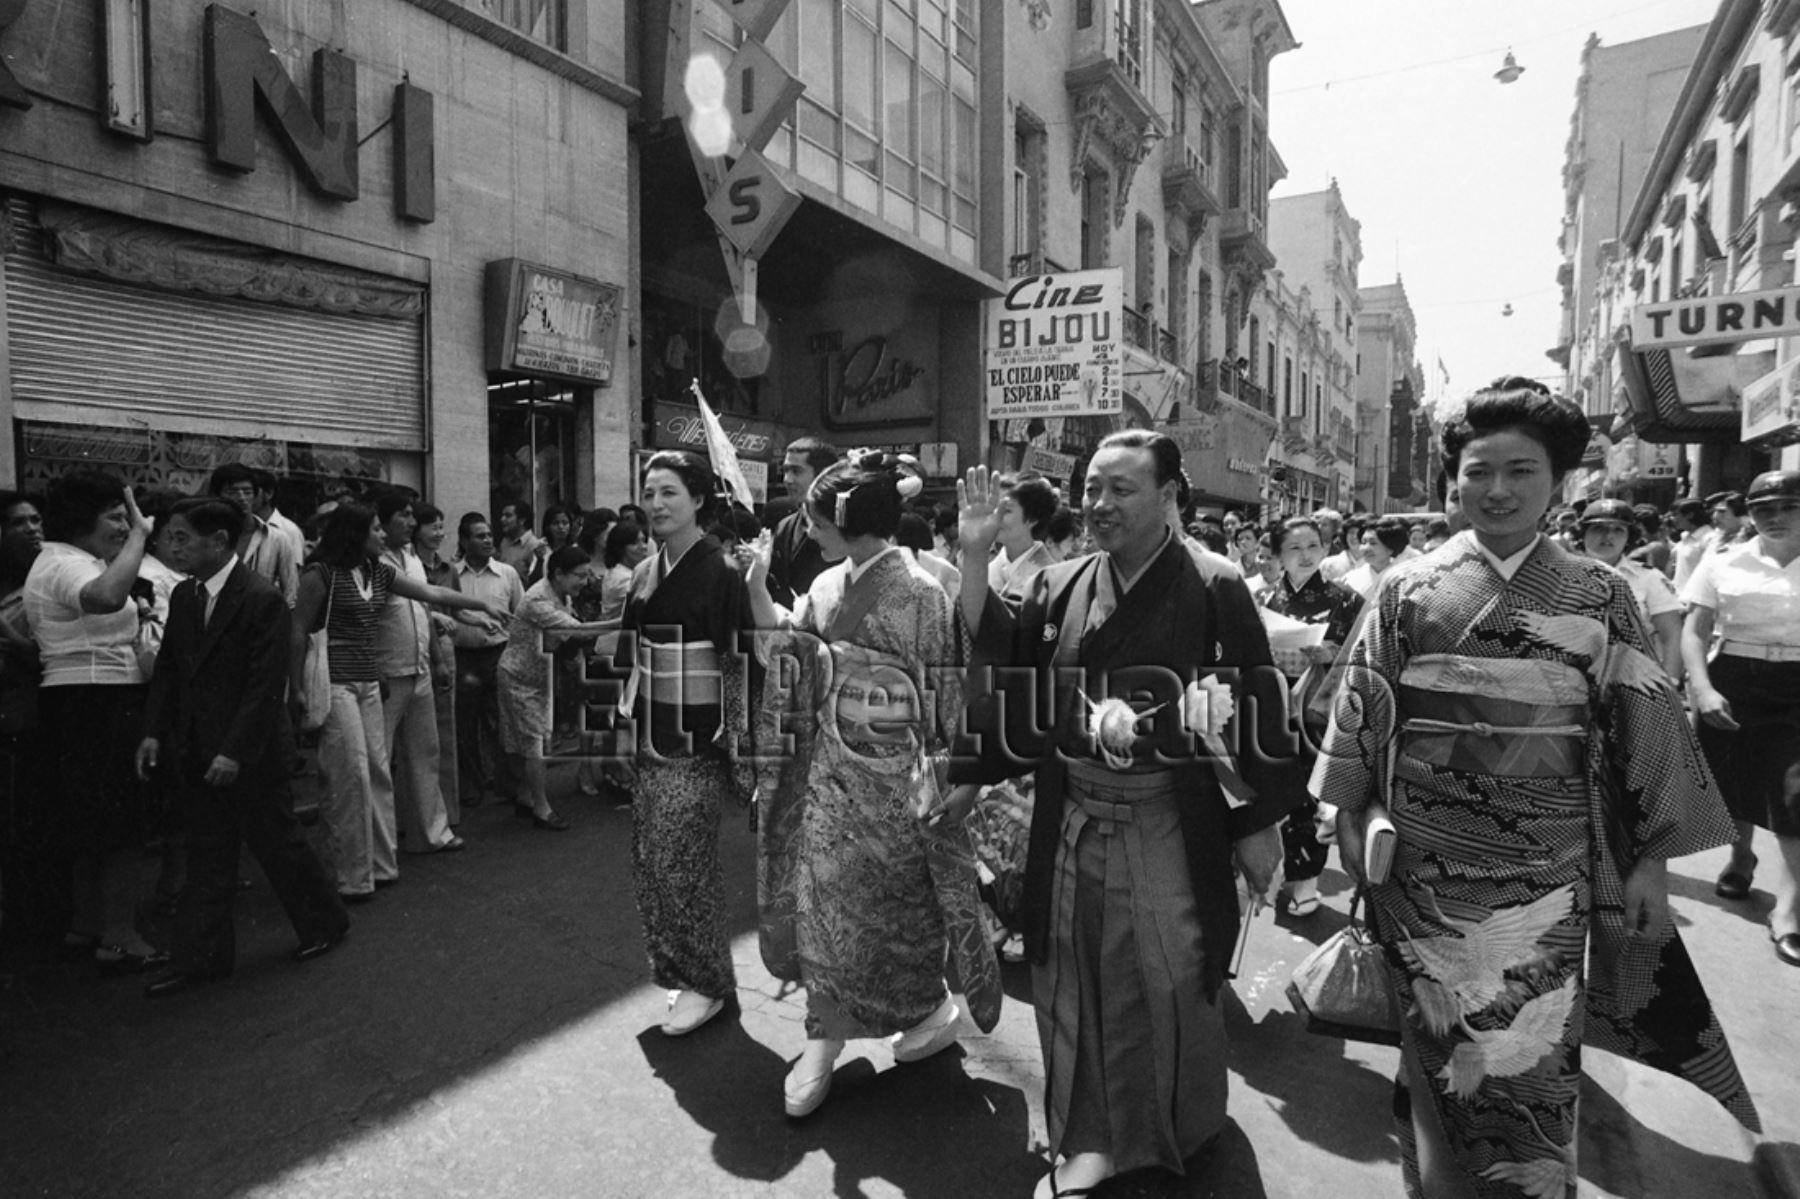 Lima - 23 abril 1979 / El atuendo típico japonés fue mostrado ayer en un desfile por las calles céntricas de Lima. Estuvo a cargo de la delegación del All Japan Kimono Consultant, que se encuentran en la capital para participar en los festejos conmemorativos del 80 aniversario de la llegada de los primeros inmigrantes japonenes al Perú.